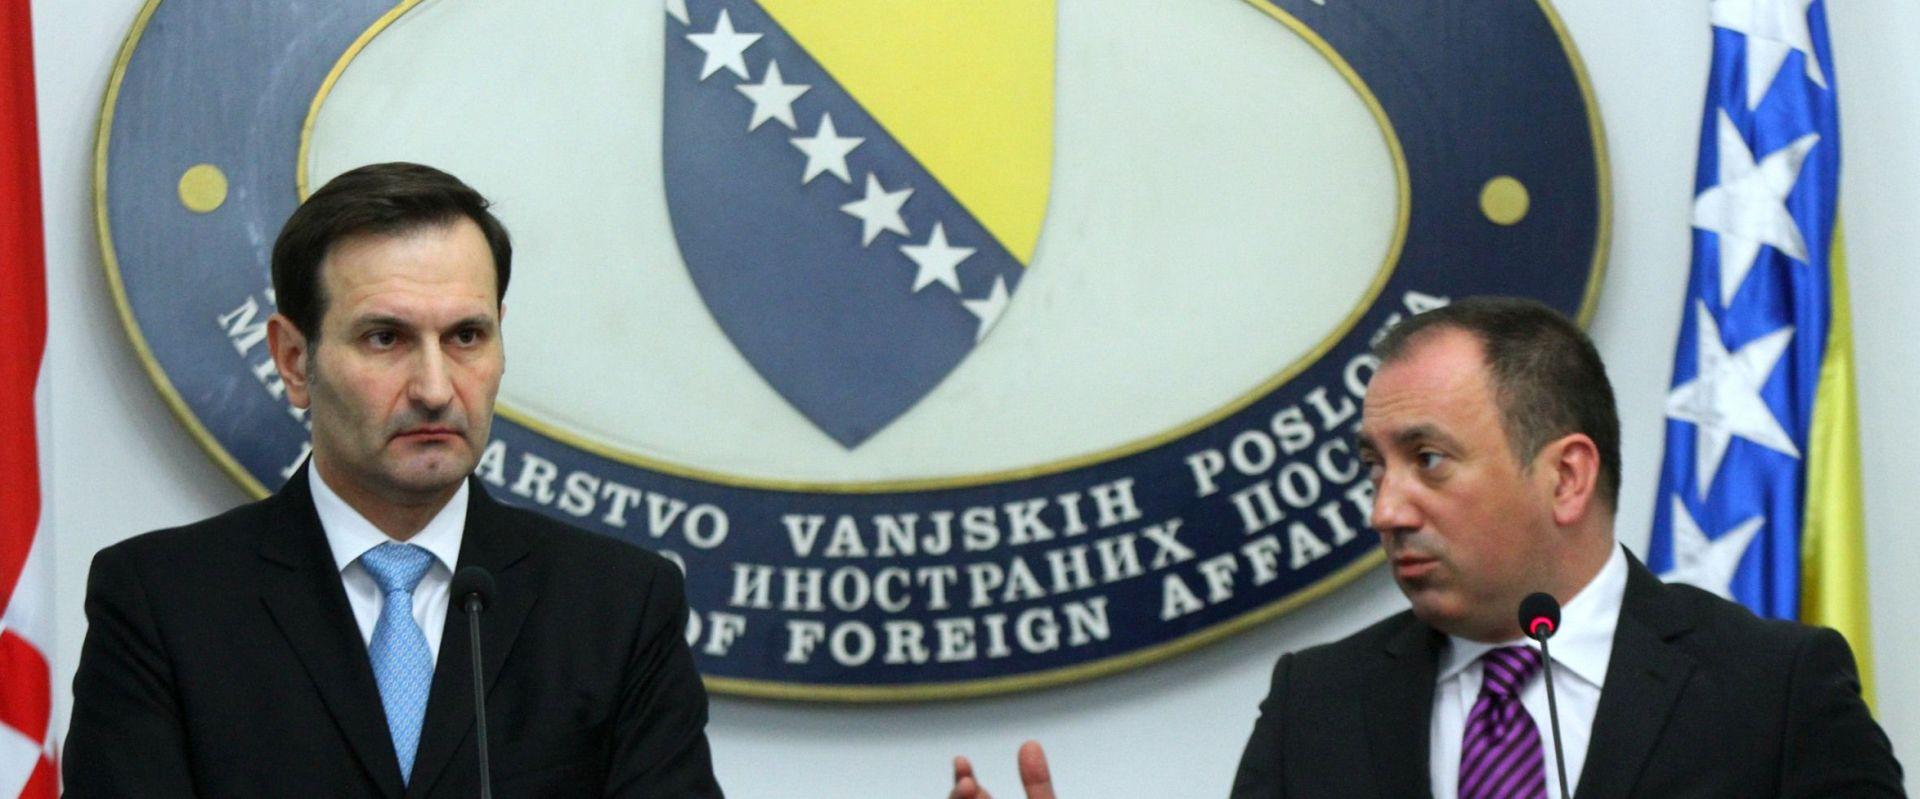 Ministar vanjskih poslova BiH: Milanović je ovog puta doista pretjerao